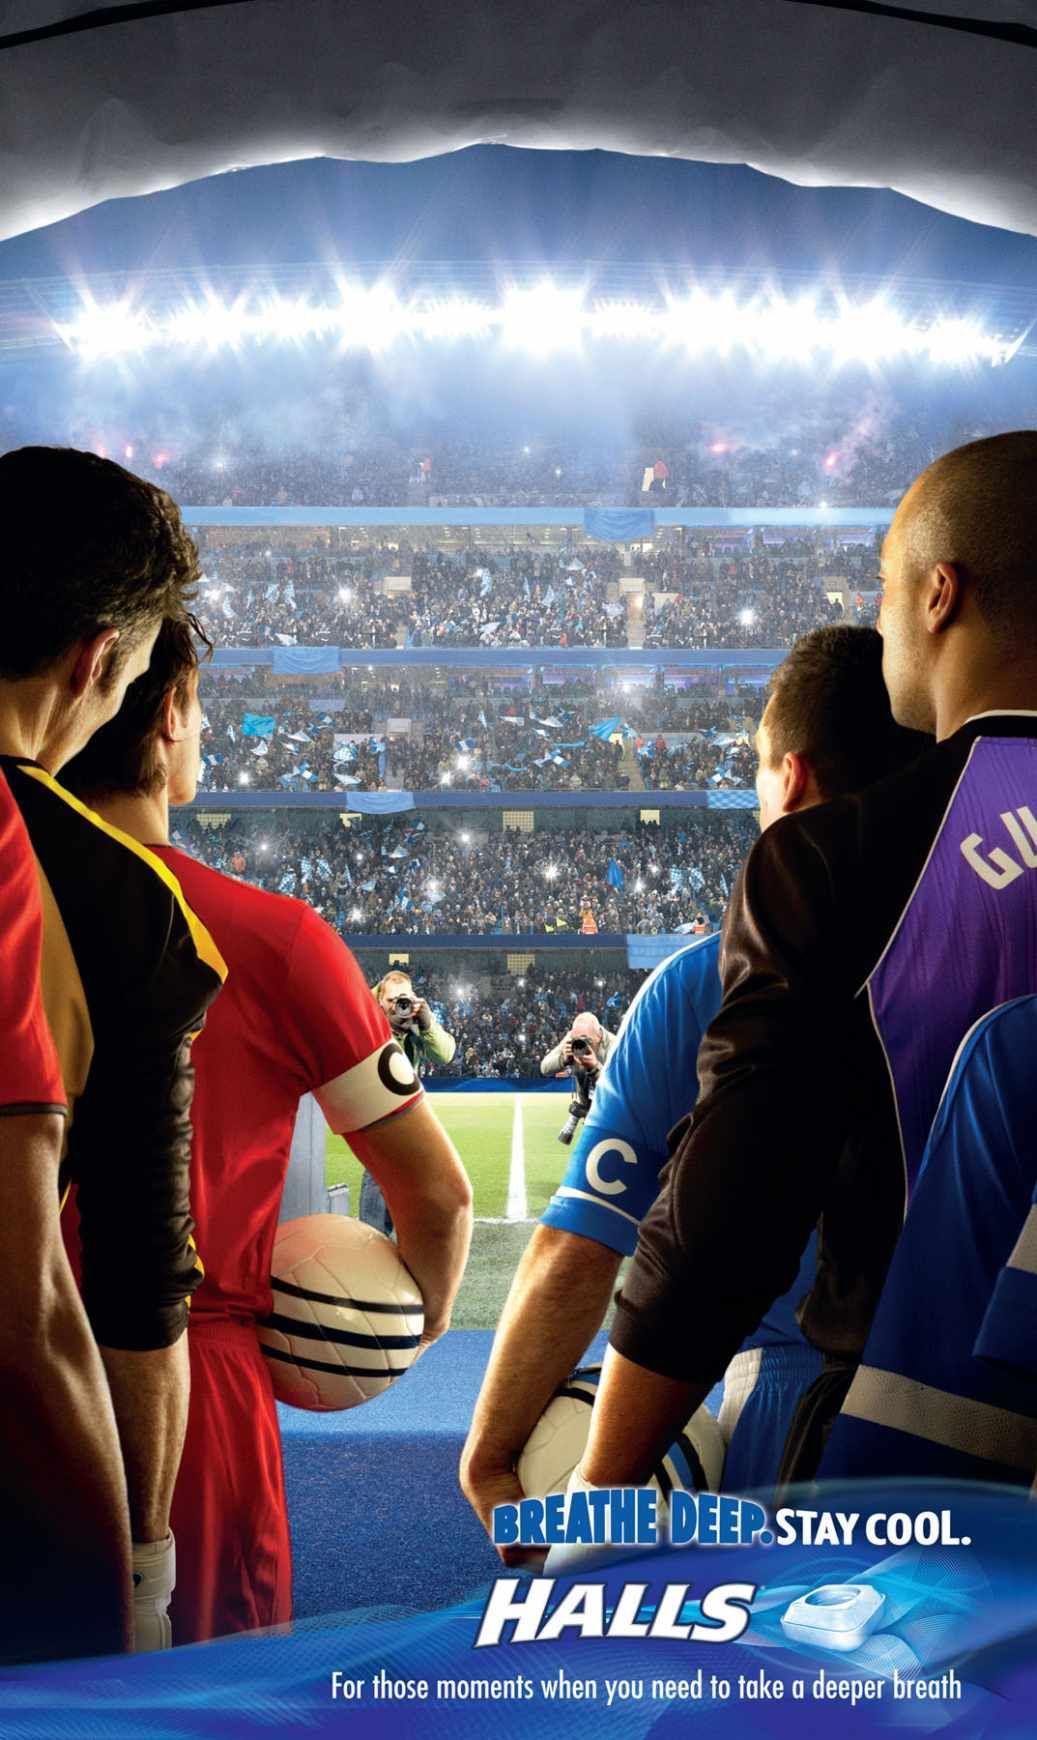 Halls stadium ads of the world